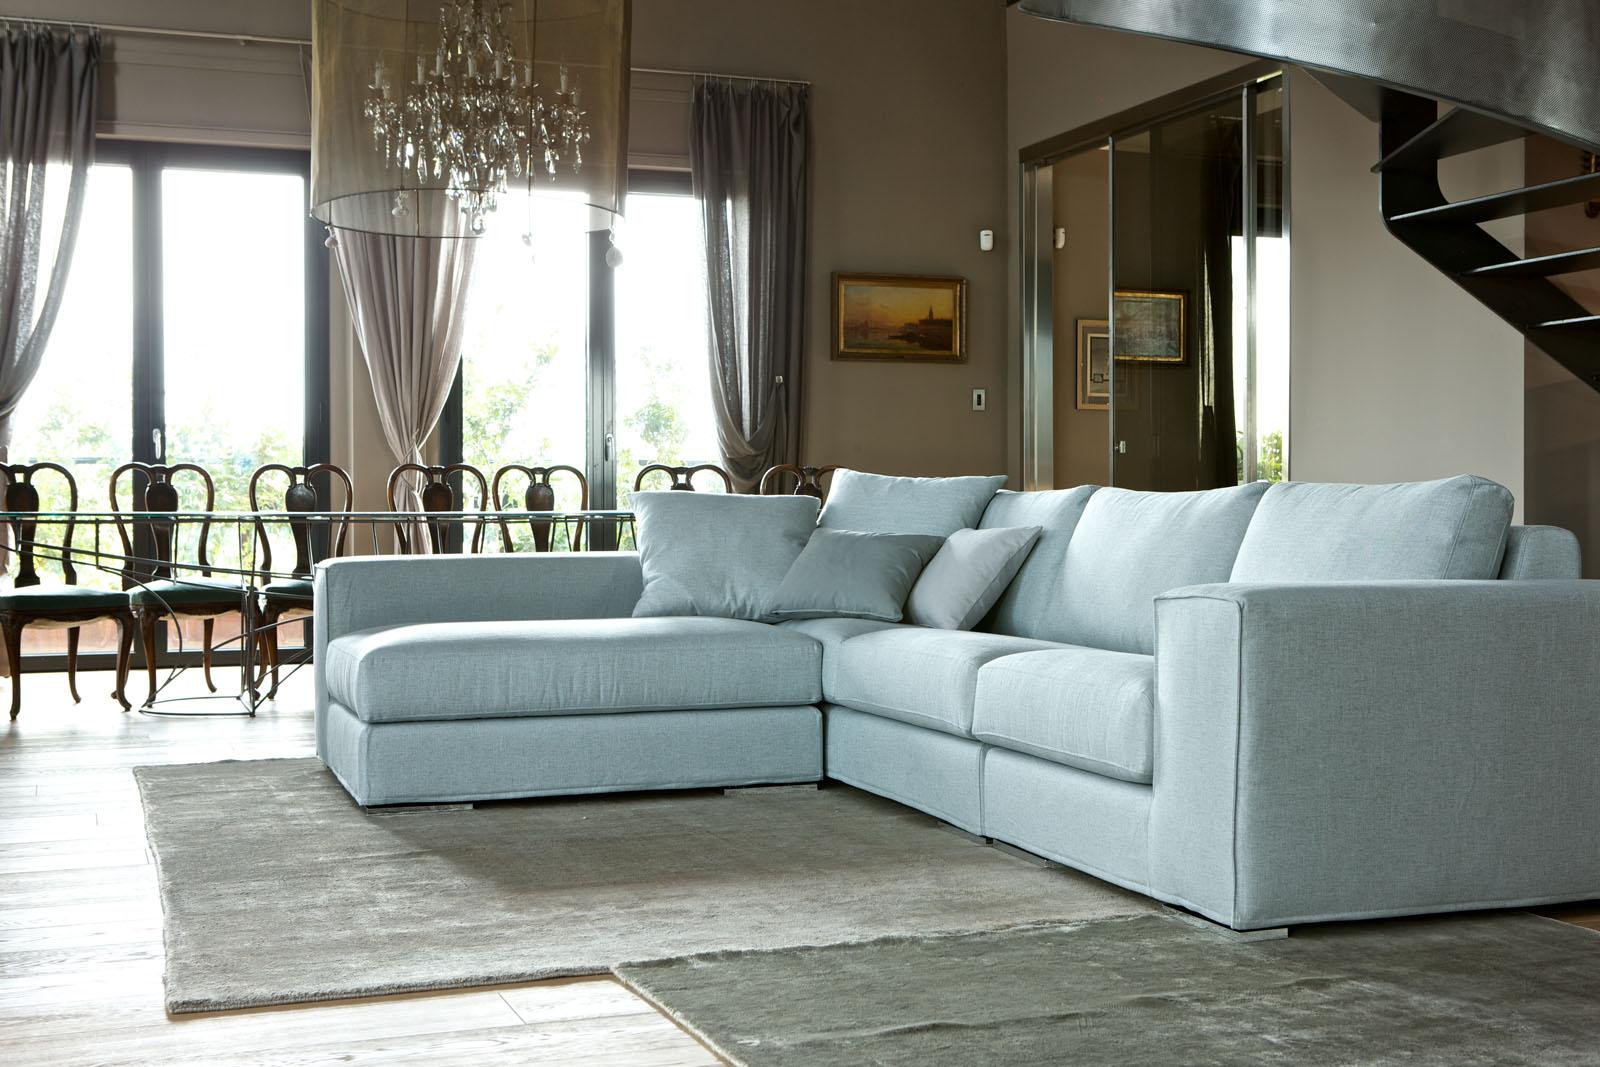 Divani blog tino mariani nuove immagini dei divani for Divani comodi